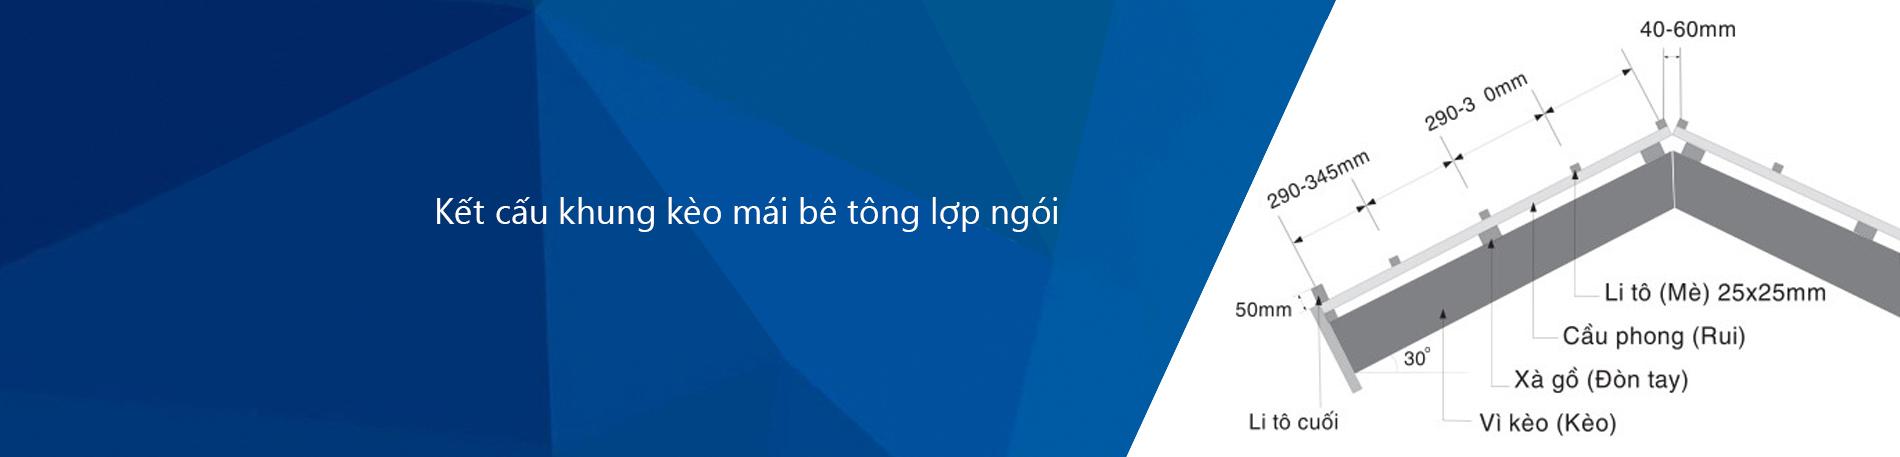 he-khung-keo-thep-mai-be-tong